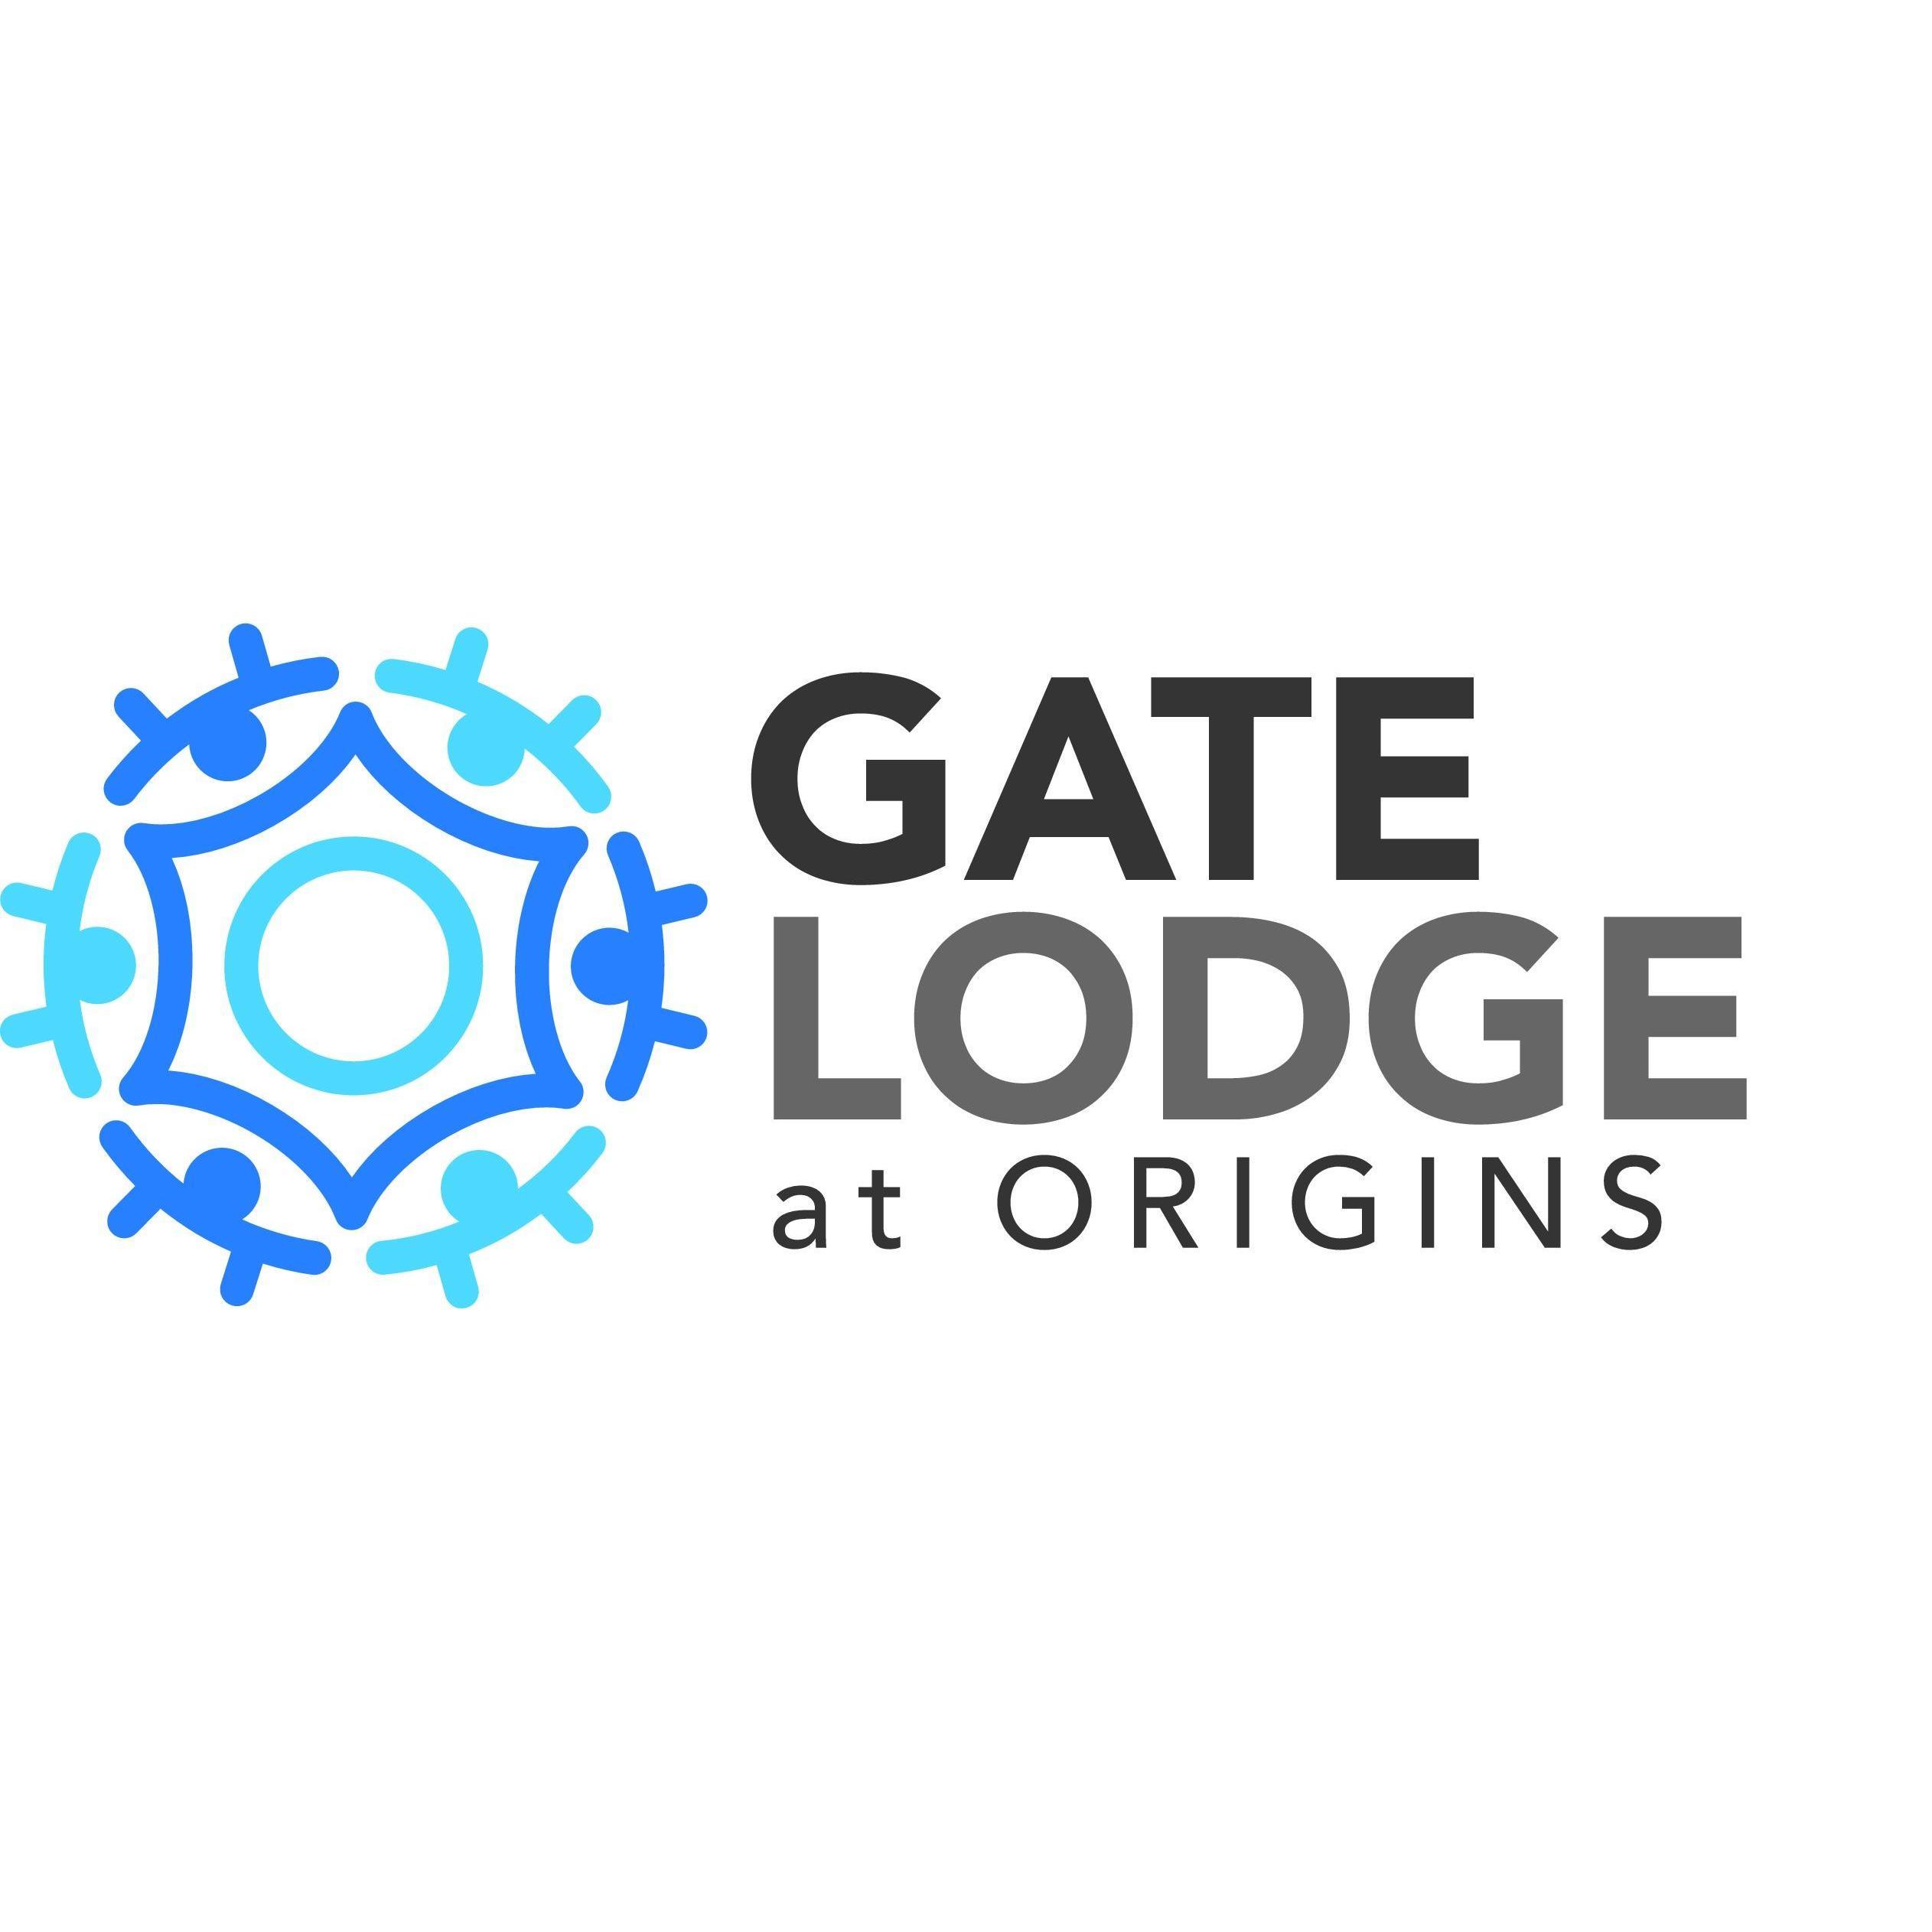 Gate Lodge at Origins